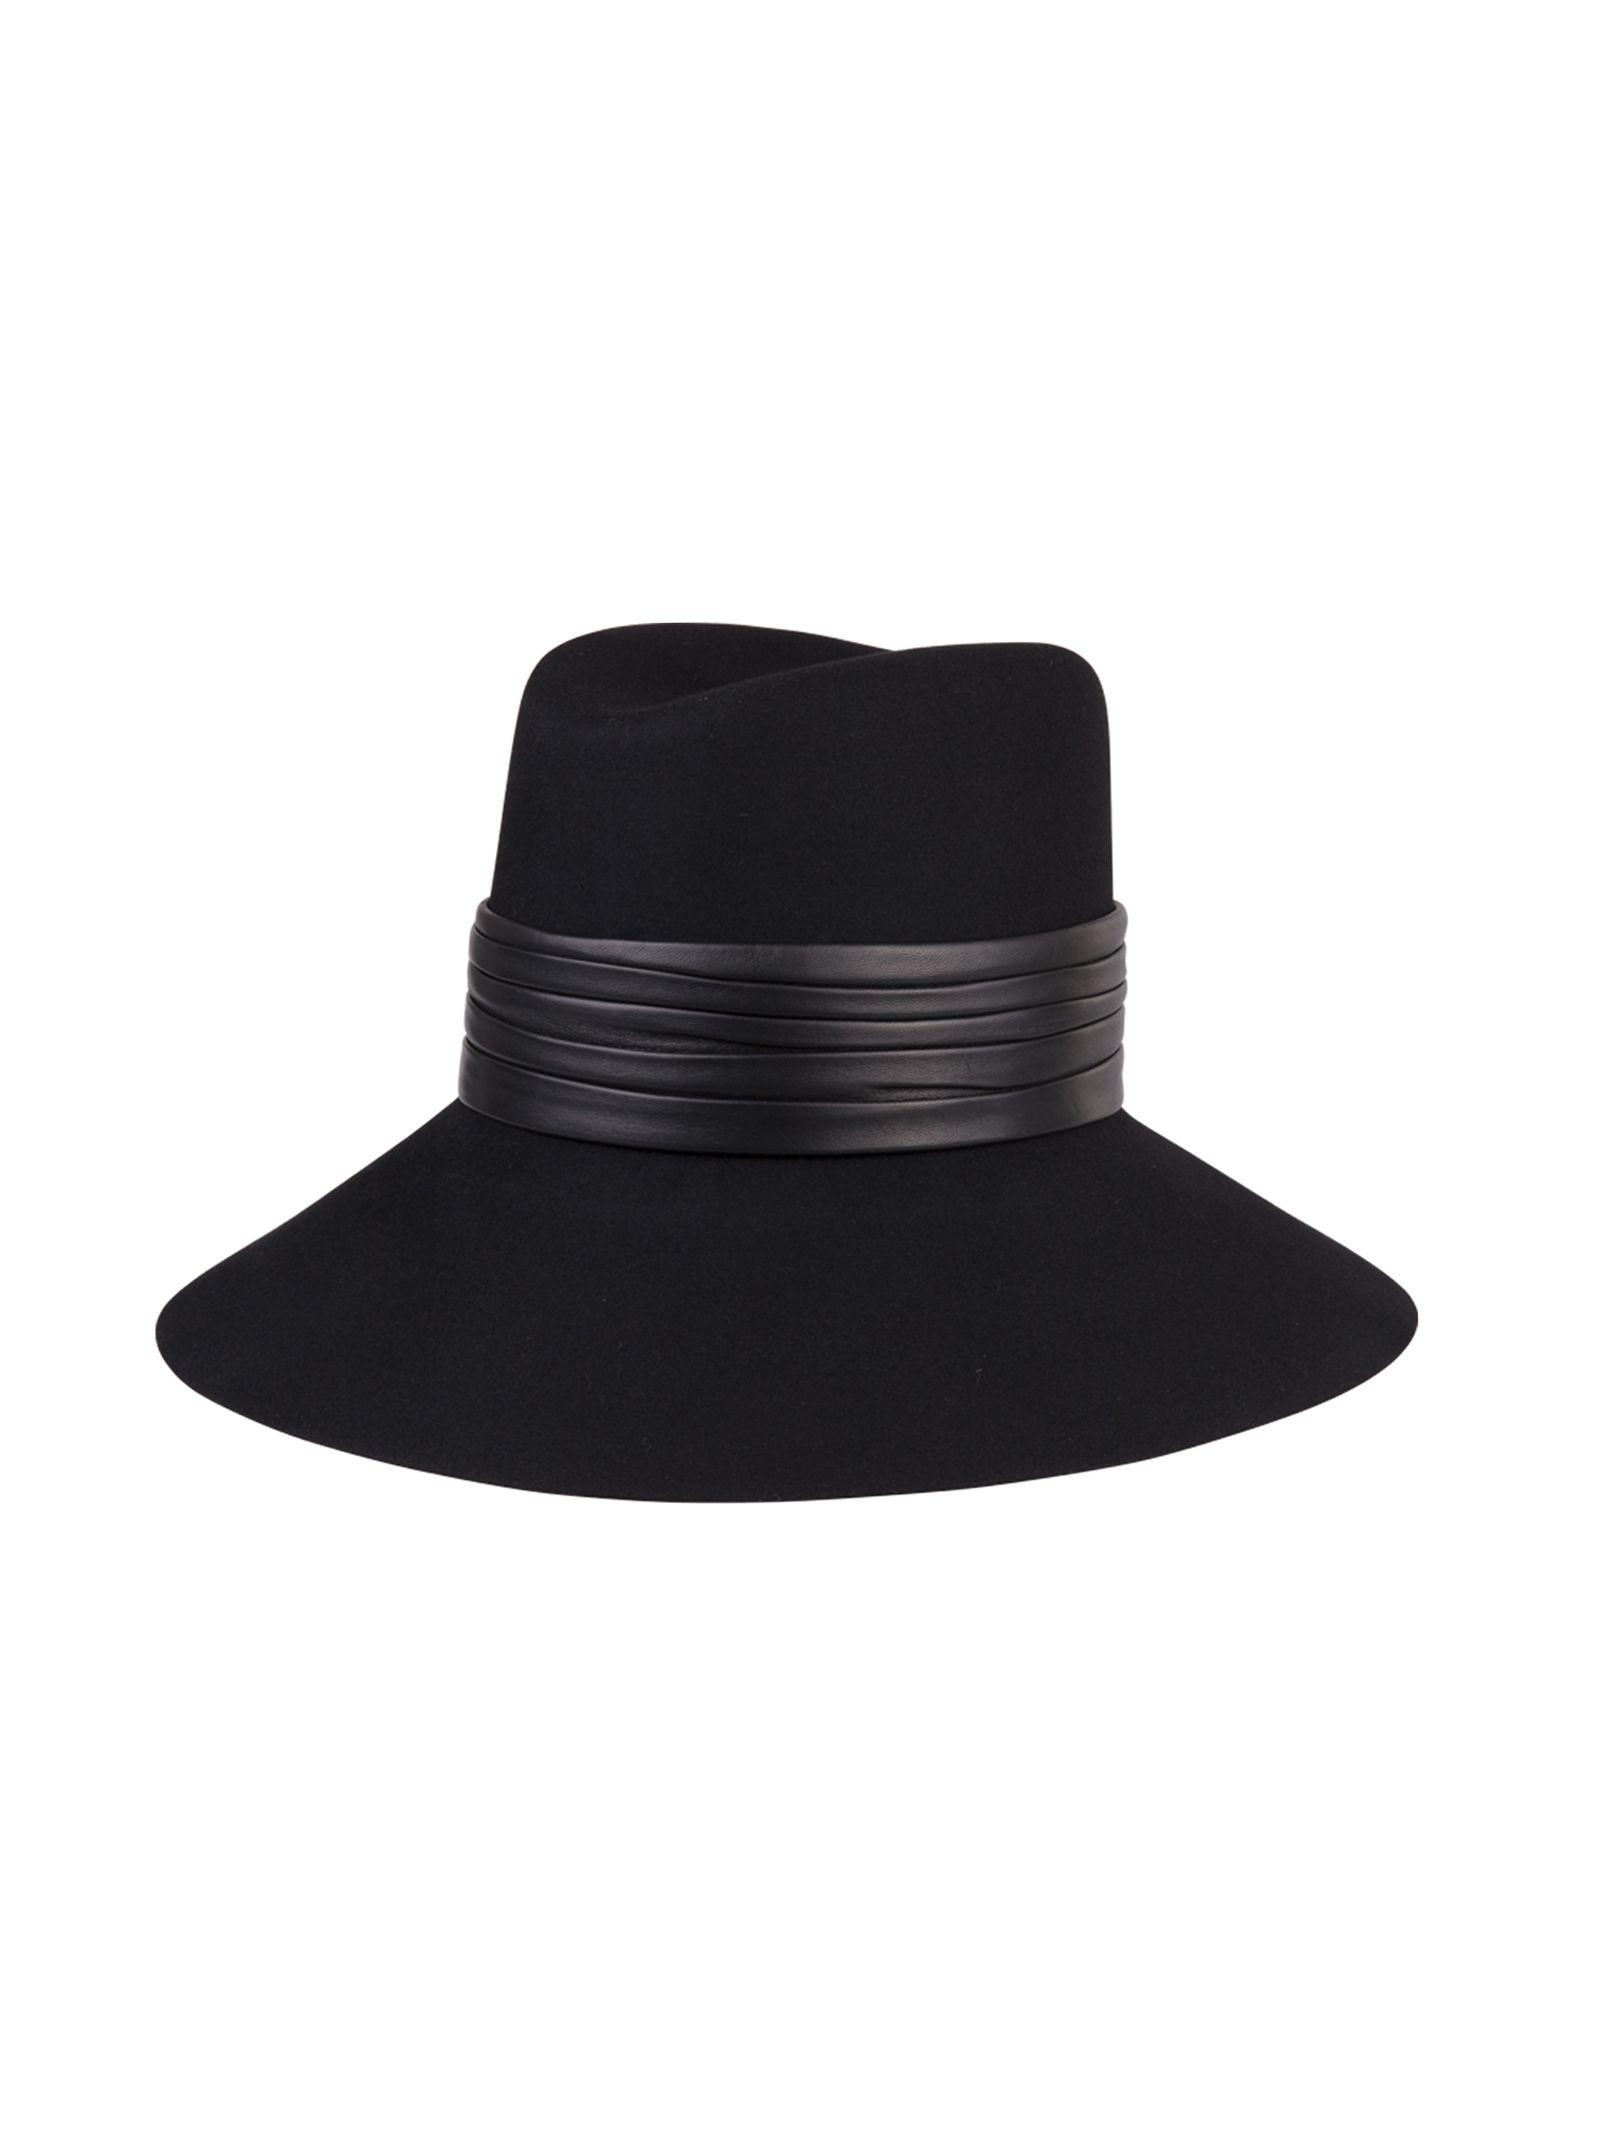 Saint Laurent Hat In Black